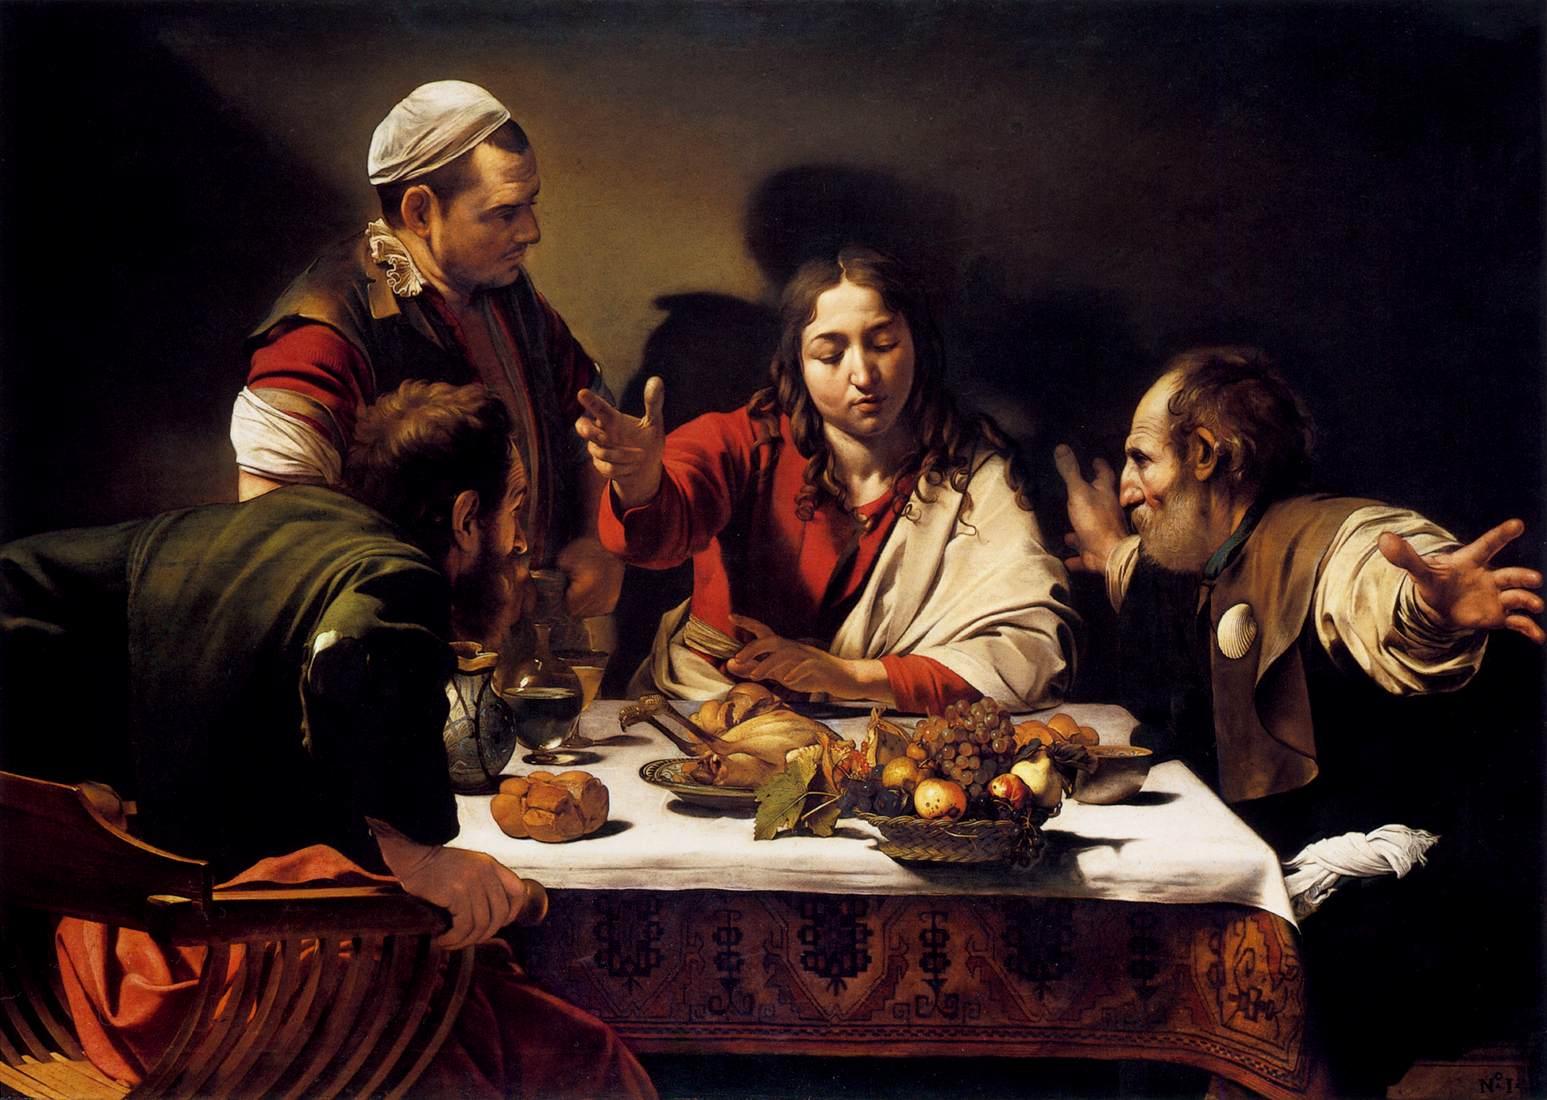 Michelangelo - Supper at Emmaus